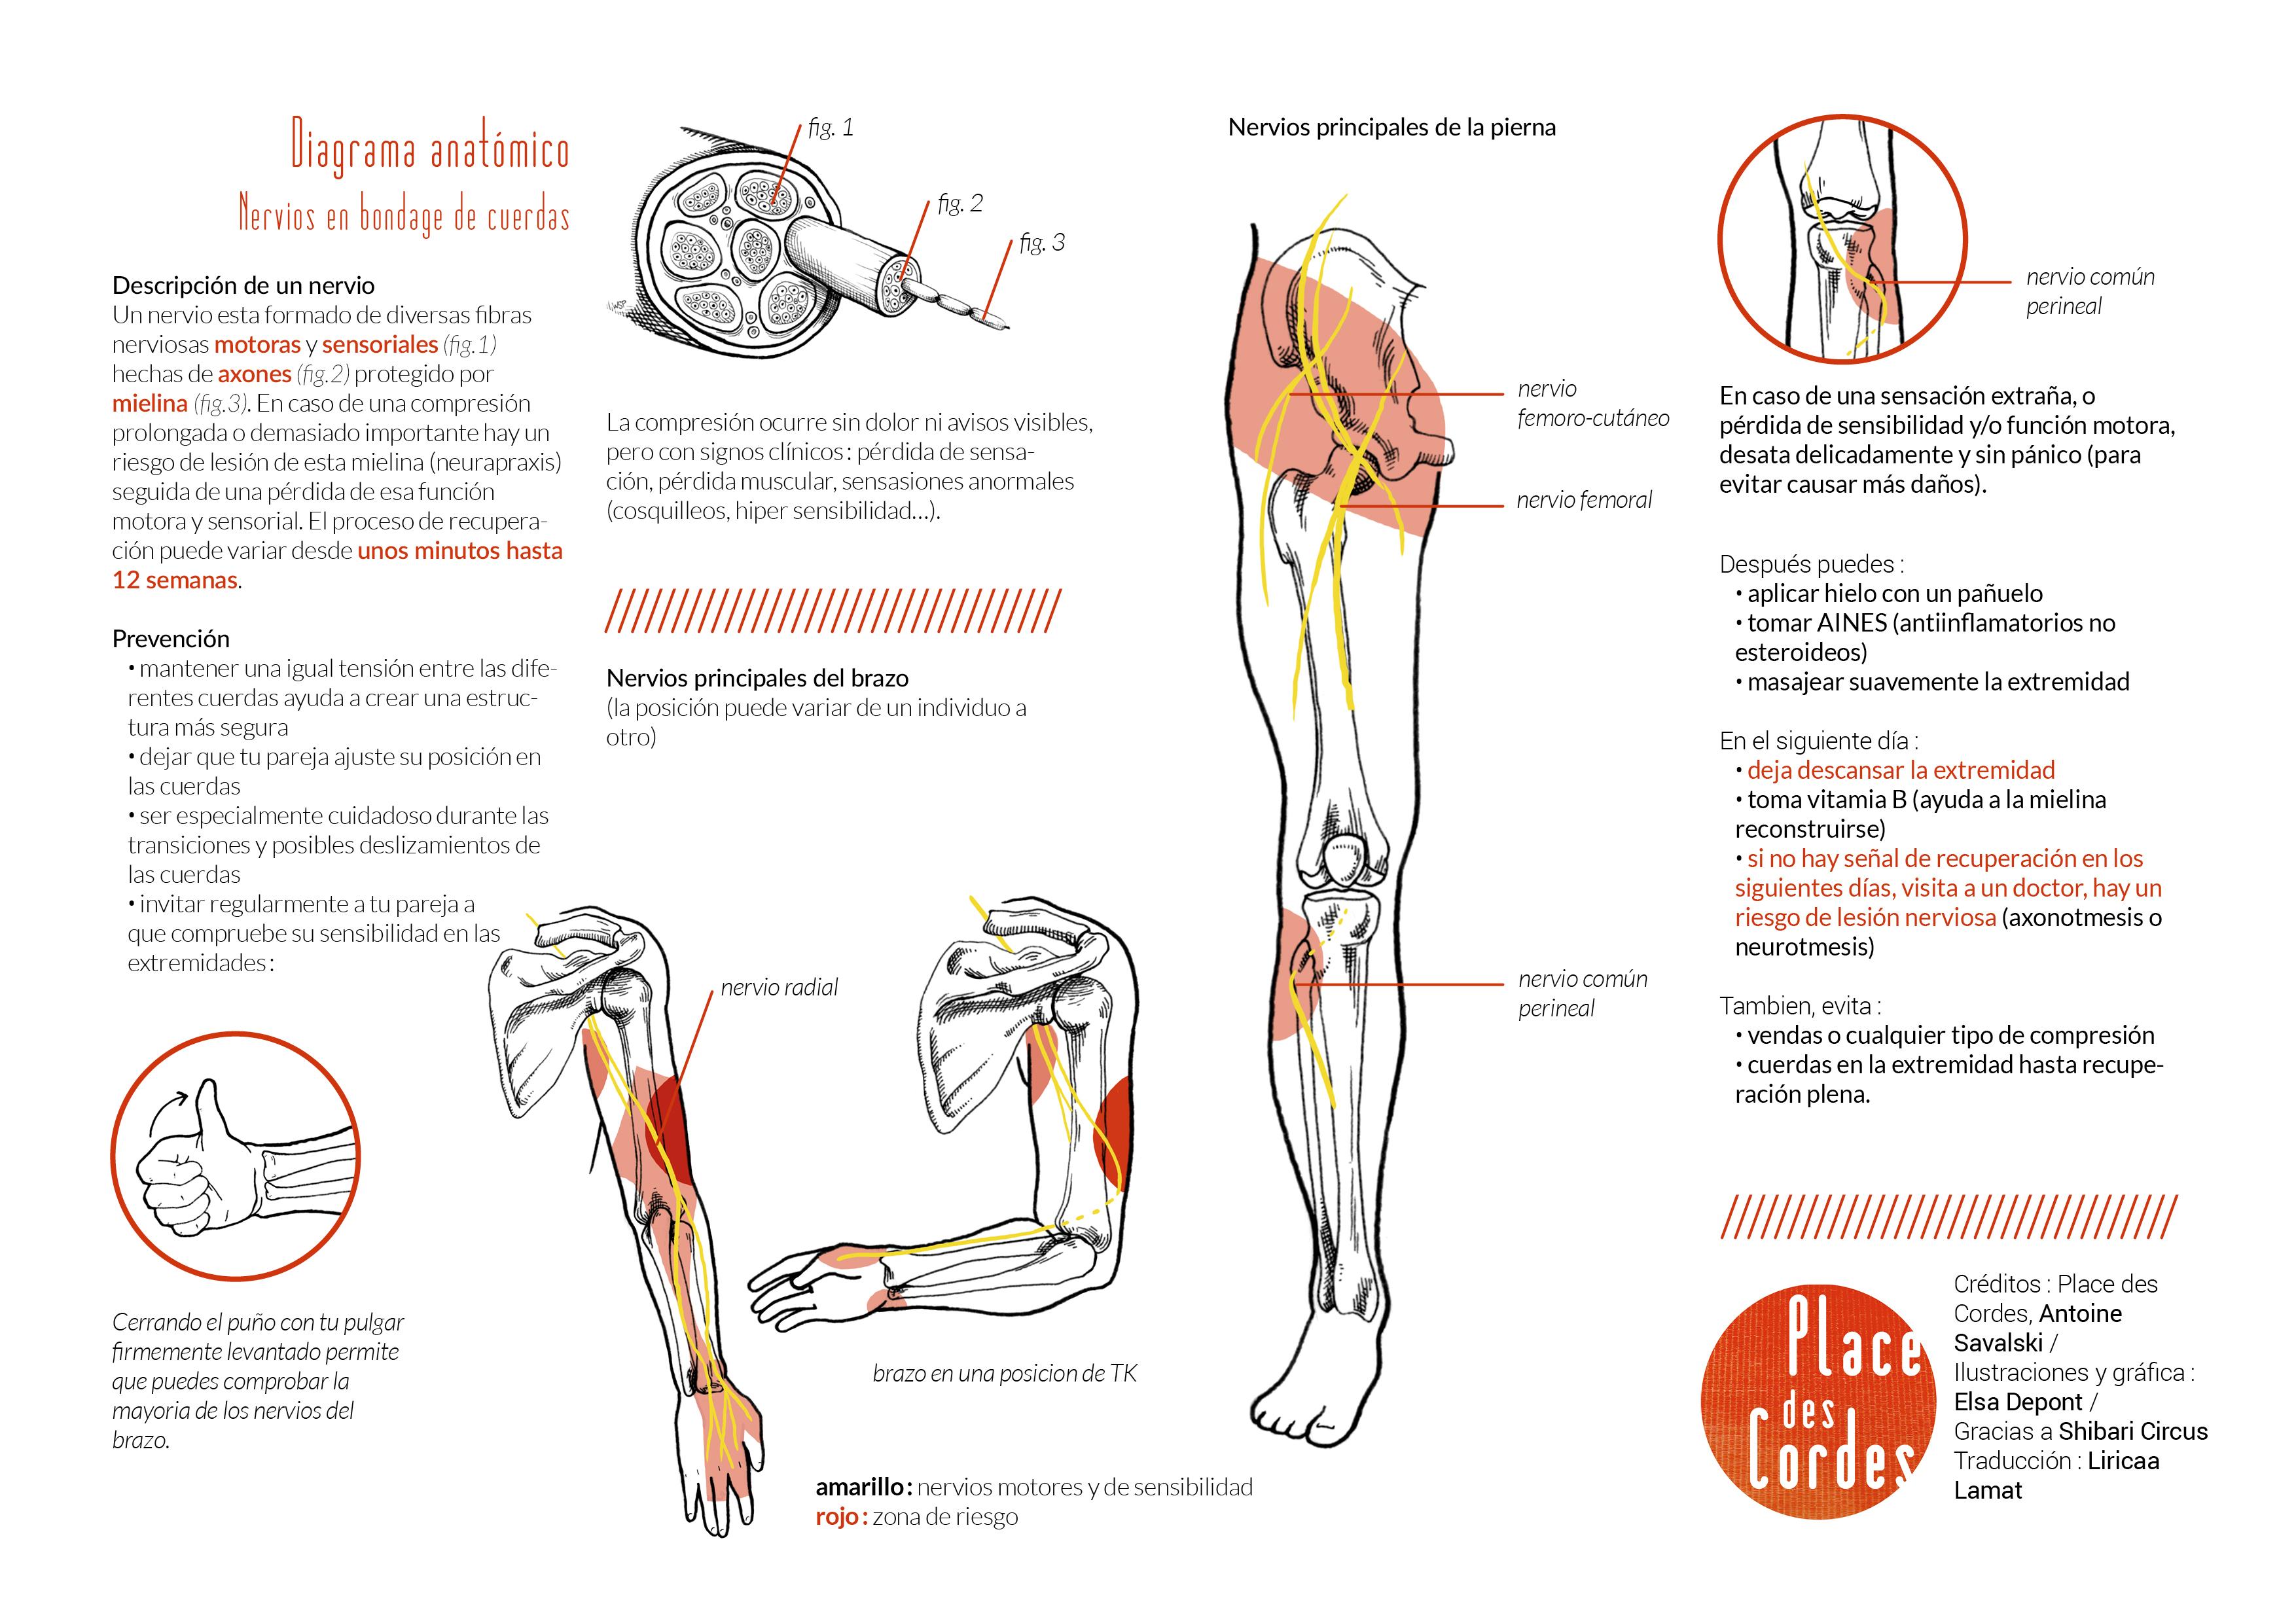 Nerve damage prevention